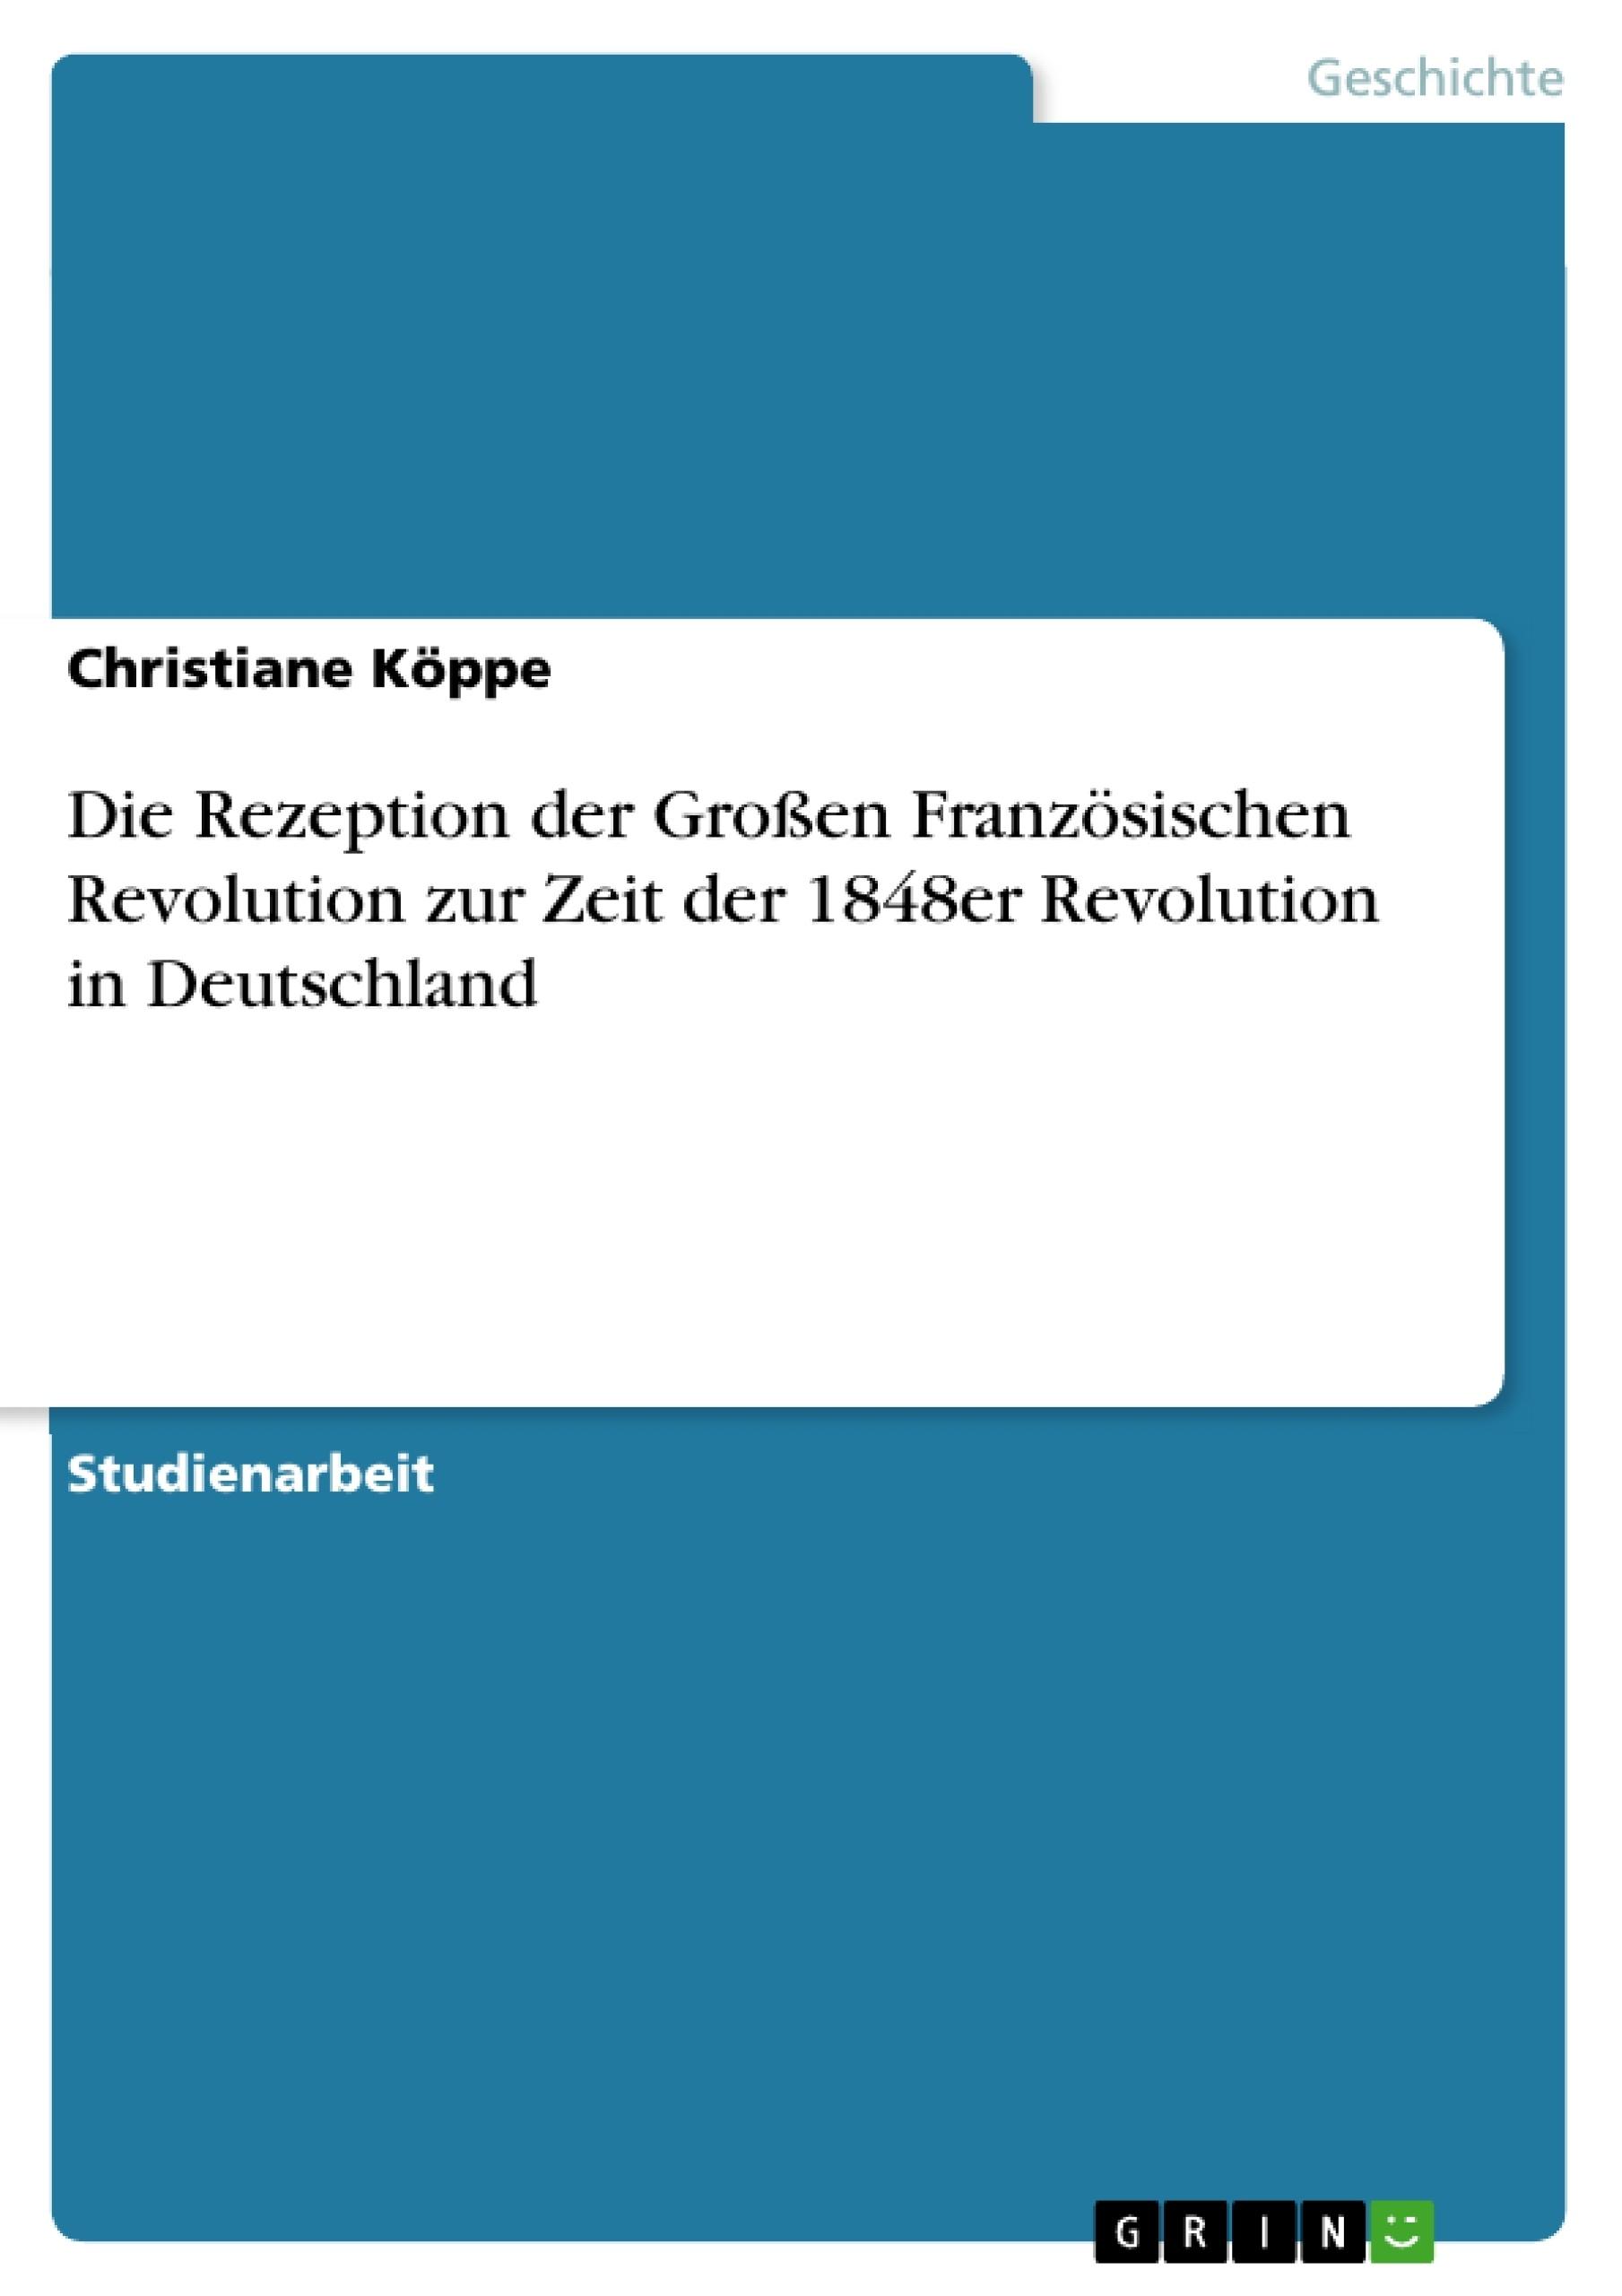 Titel: Die Rezeption der Großen Französischen Revolution zur Zeit der 1848er Revolution in Deutschland